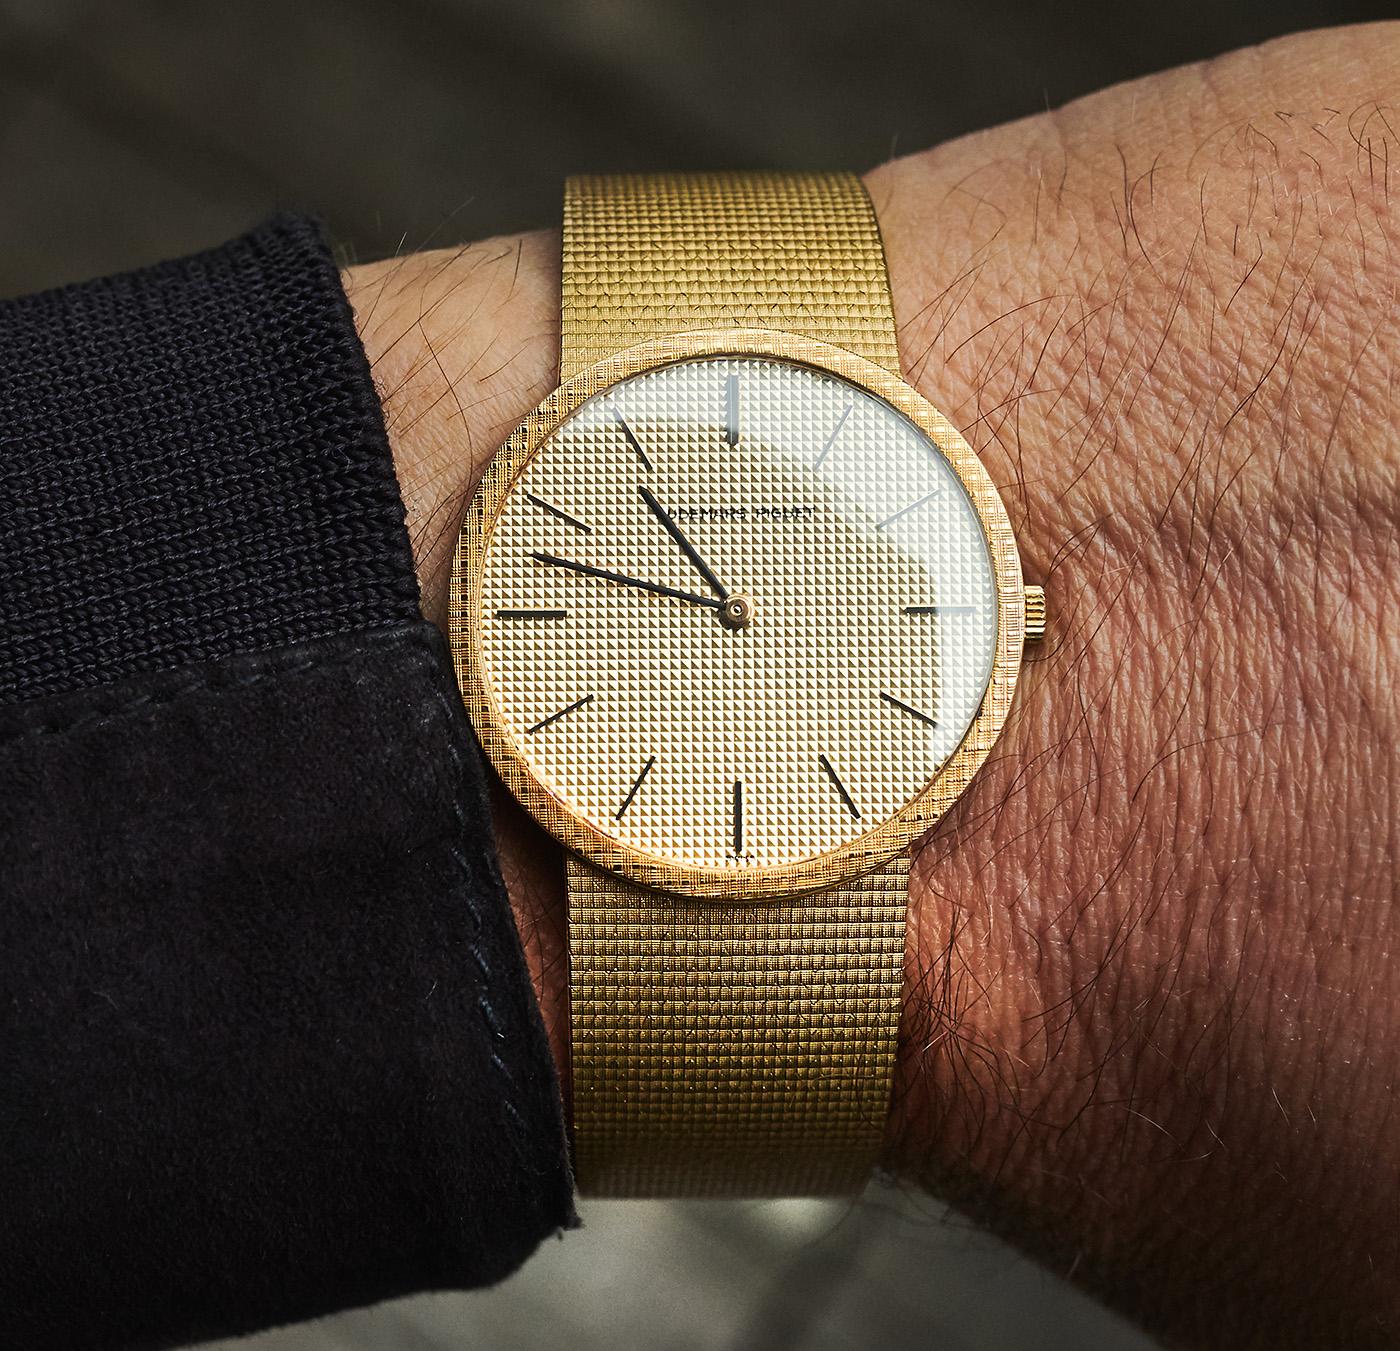 Audemars Piguet 18k dresswatch 1976